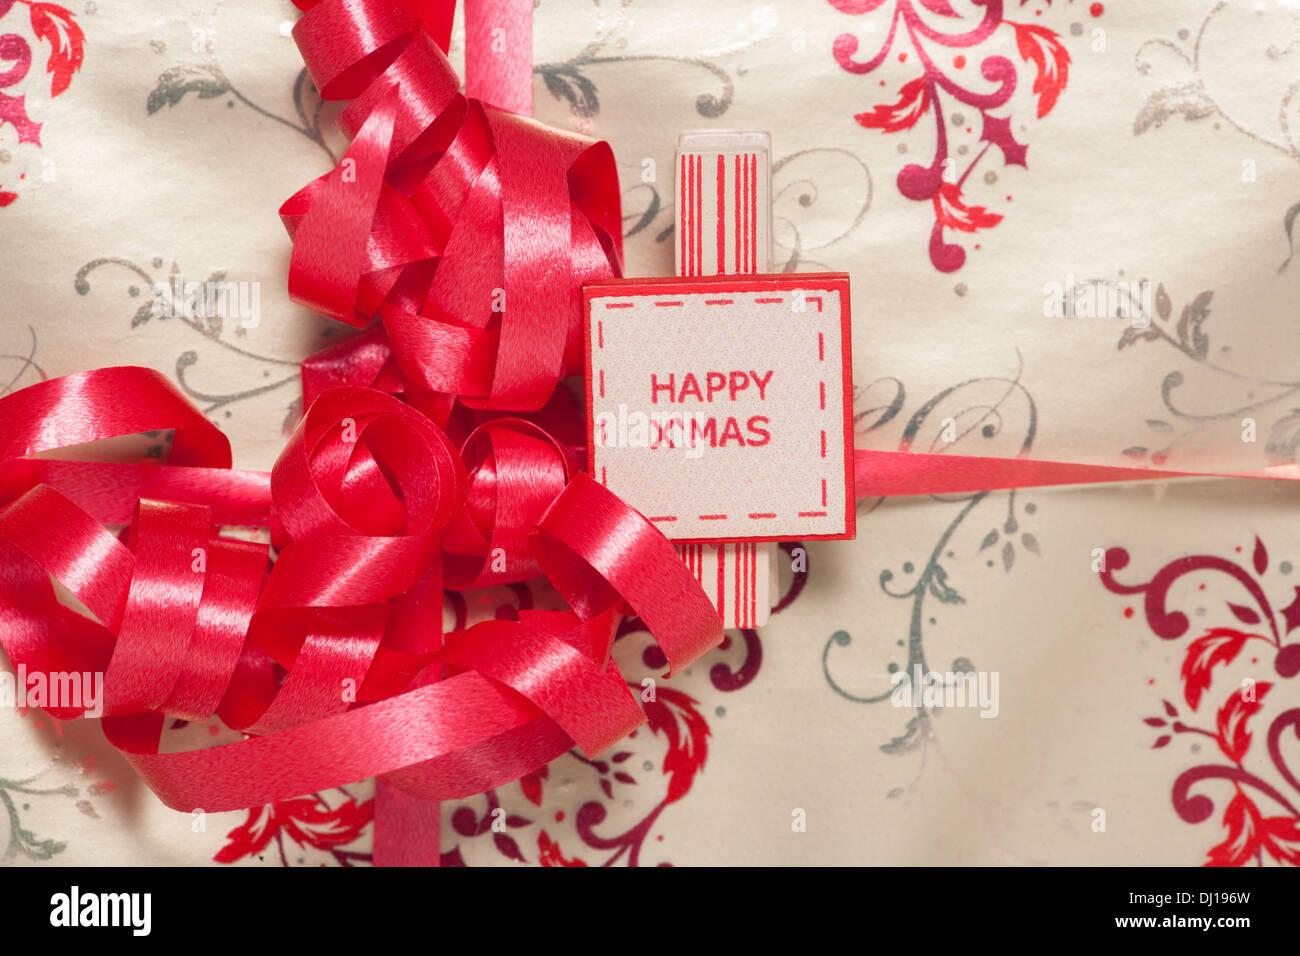 Papier d'emballage cadeau de Noël Résumé Contexte Photo Stock